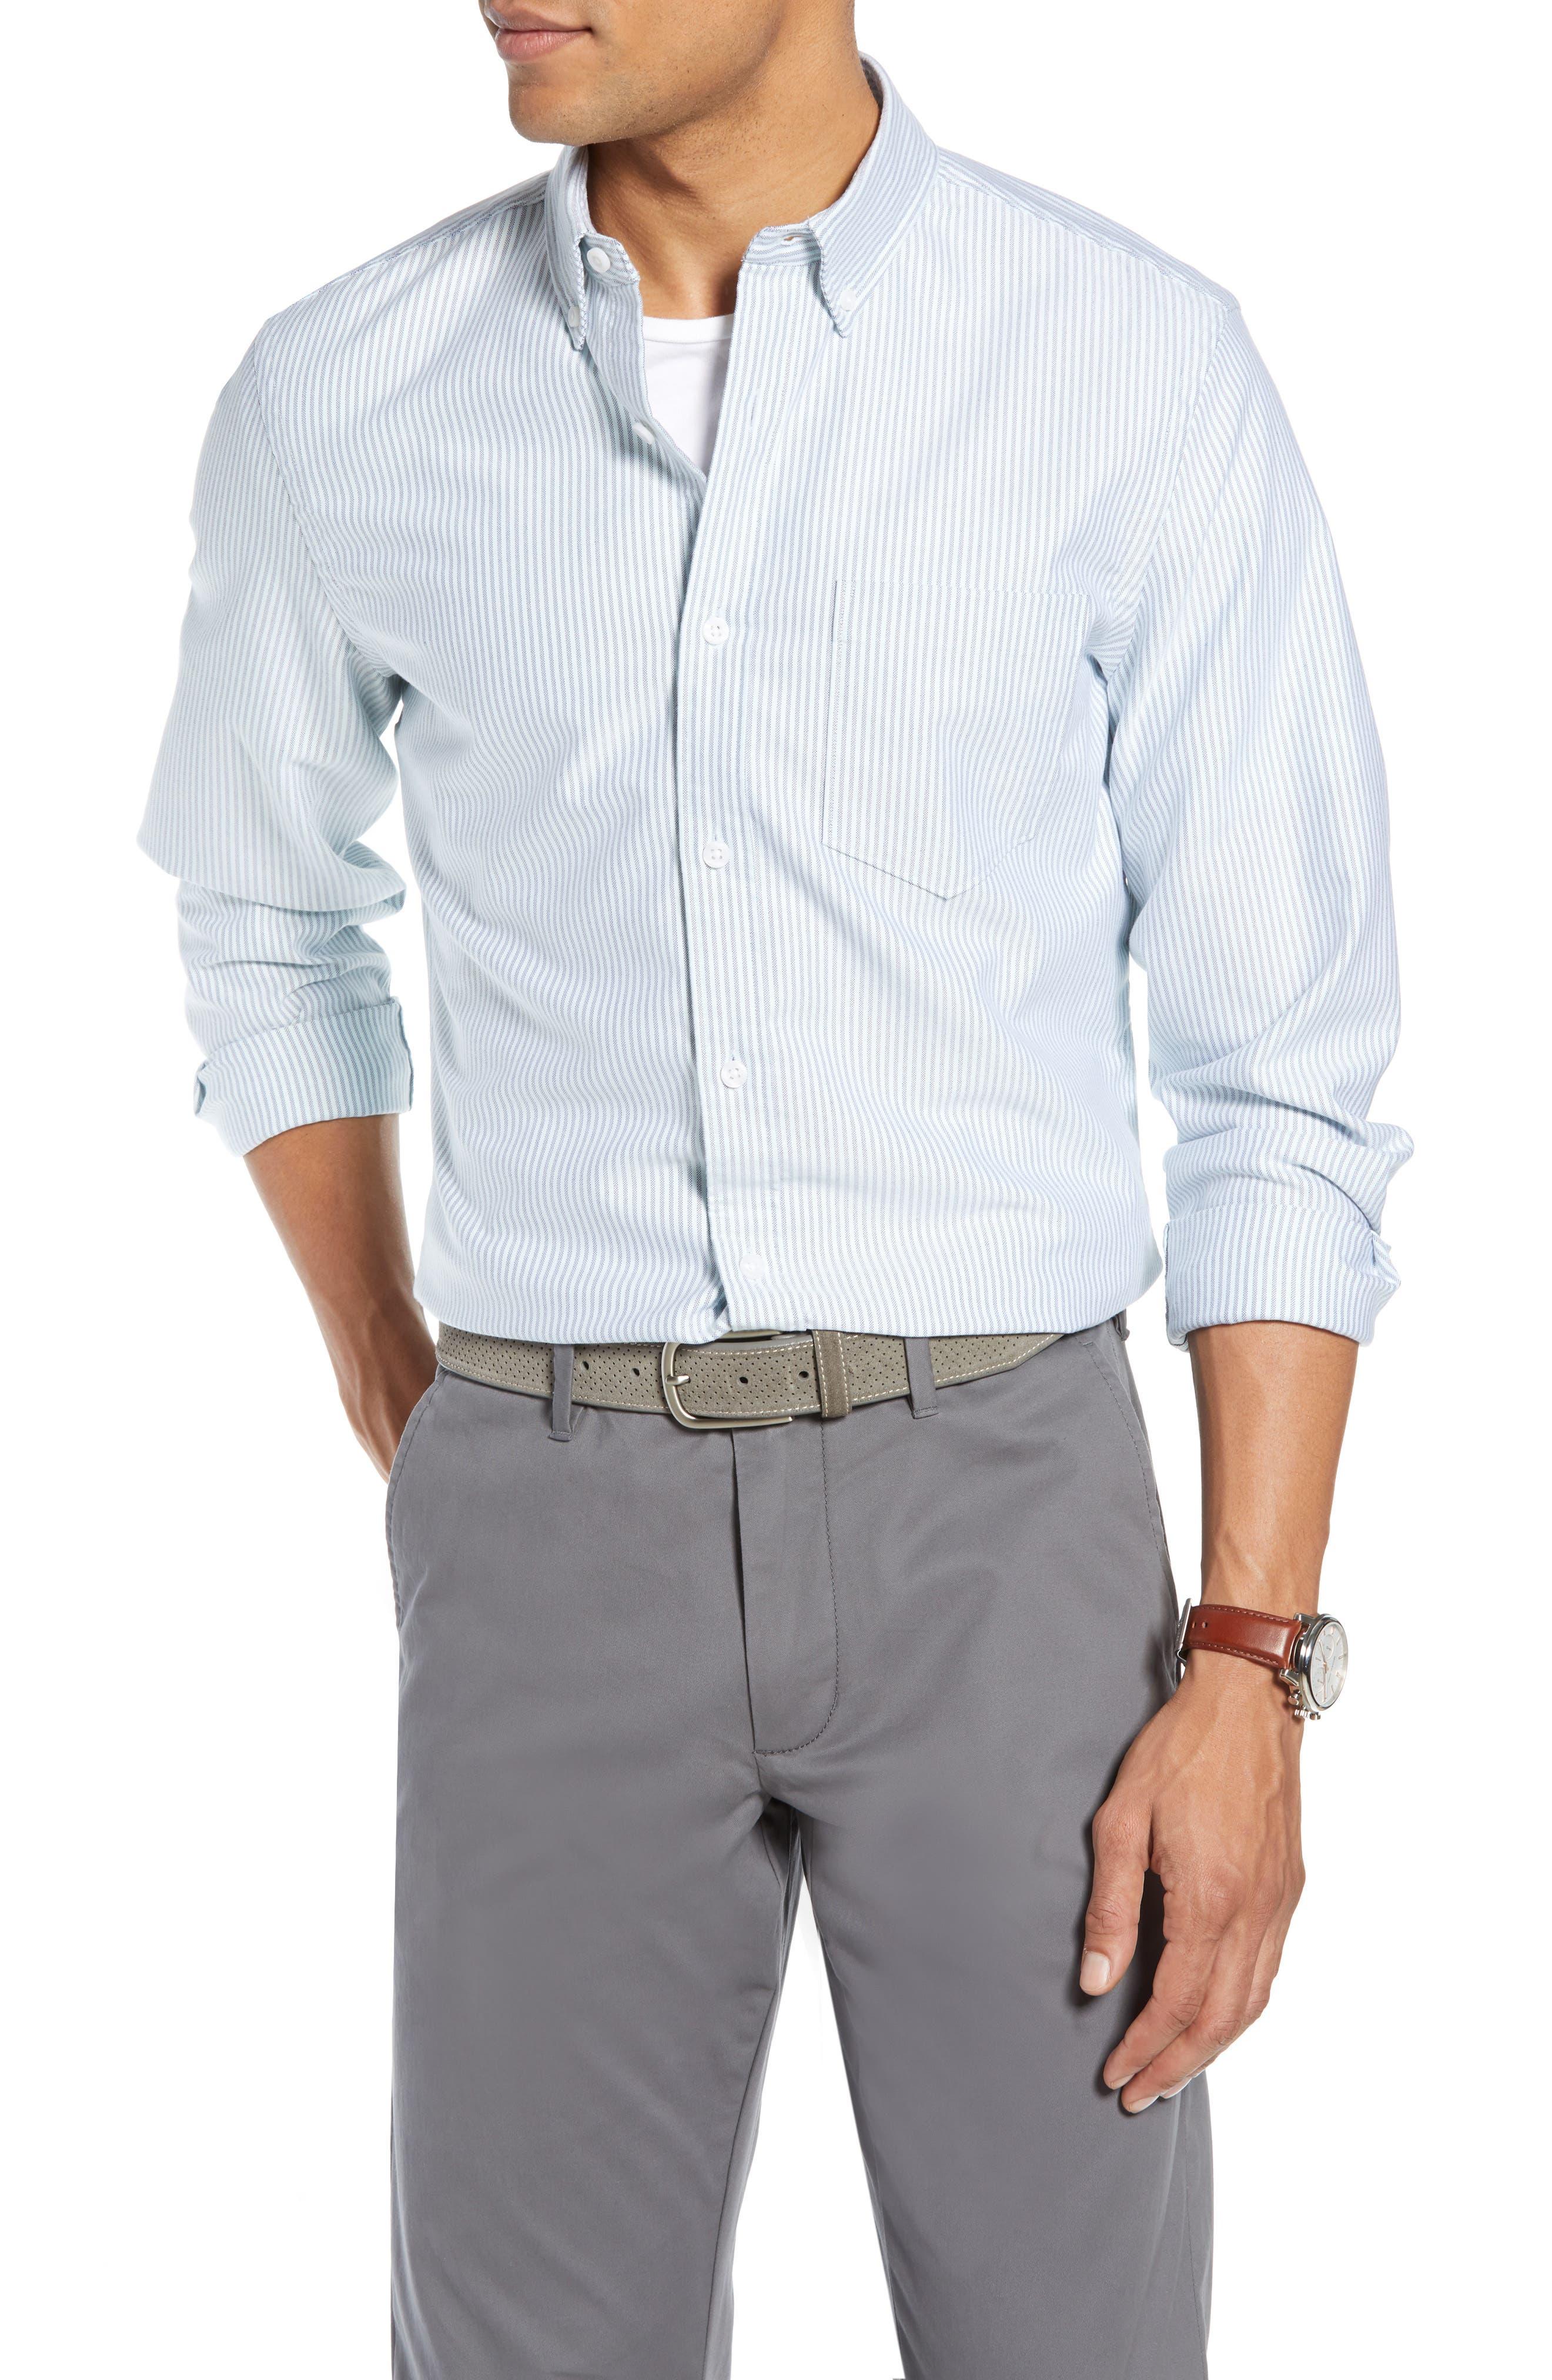 Trim Fit Bengal Stripe Sport Shirt,                             Main thumbnail 1, color,                             BLUE ENSIGN MINT STRIPE